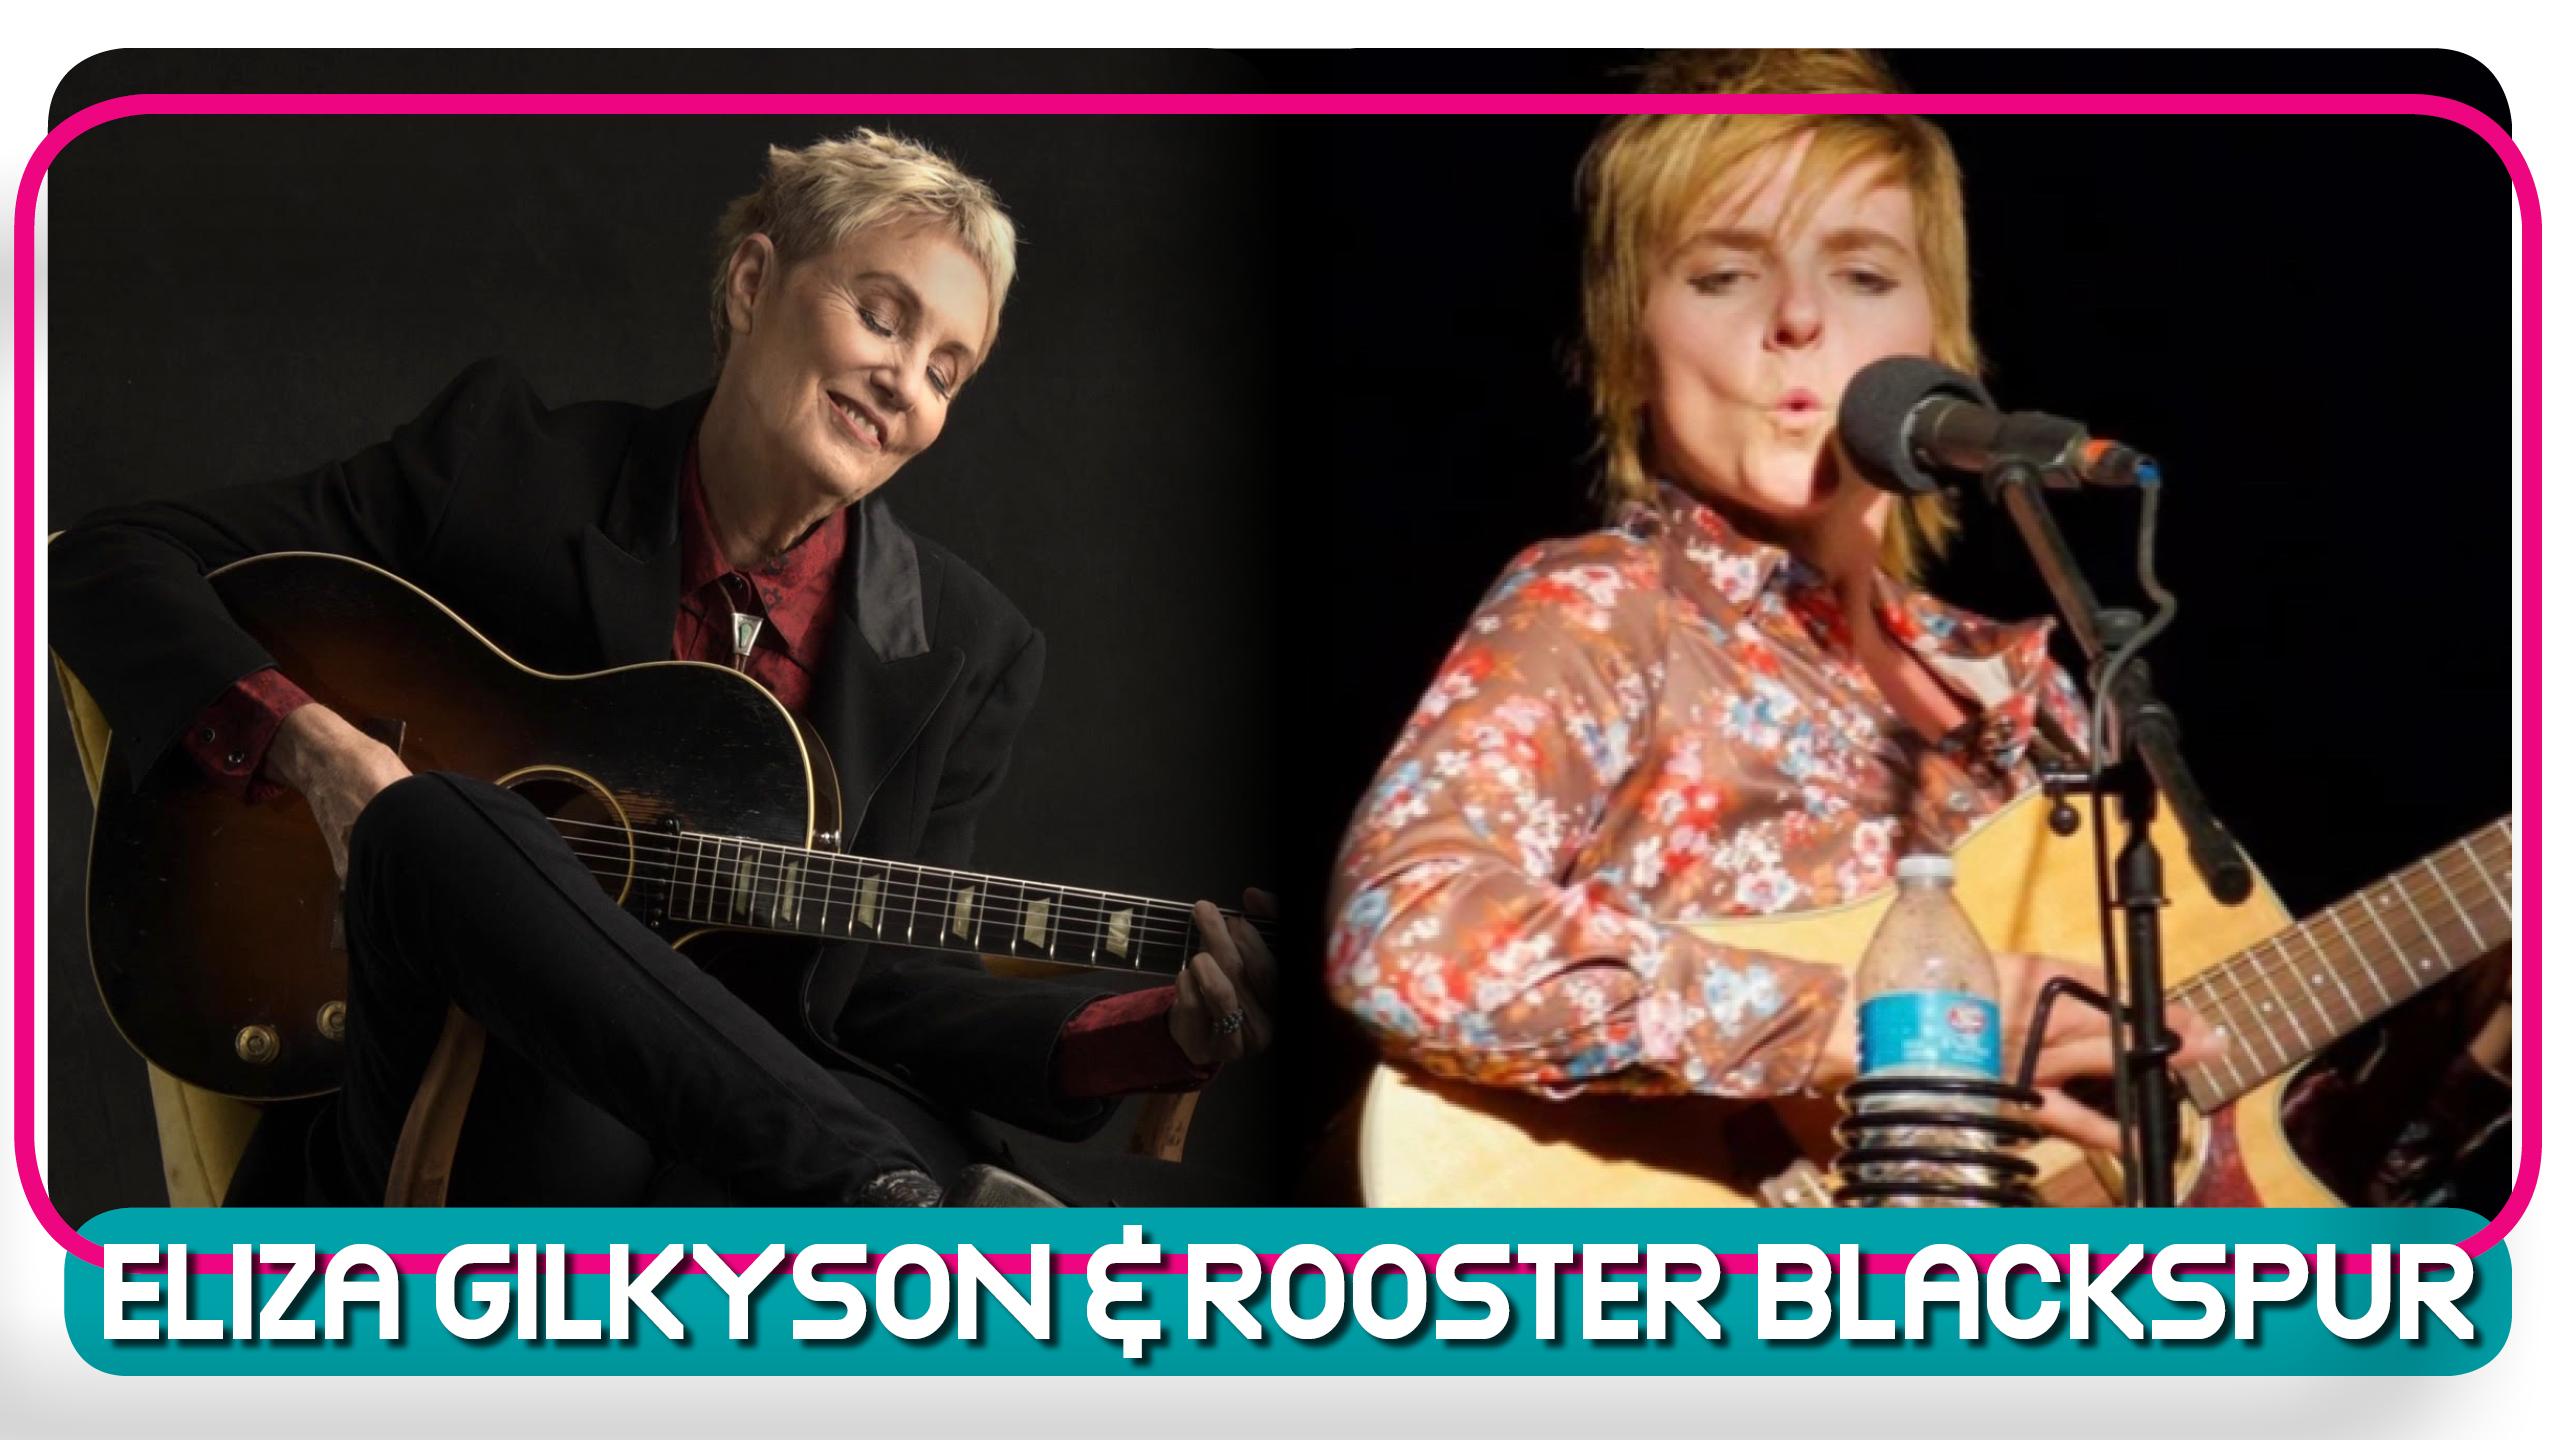 Eliza Gilkyson & Rooster Blackspur